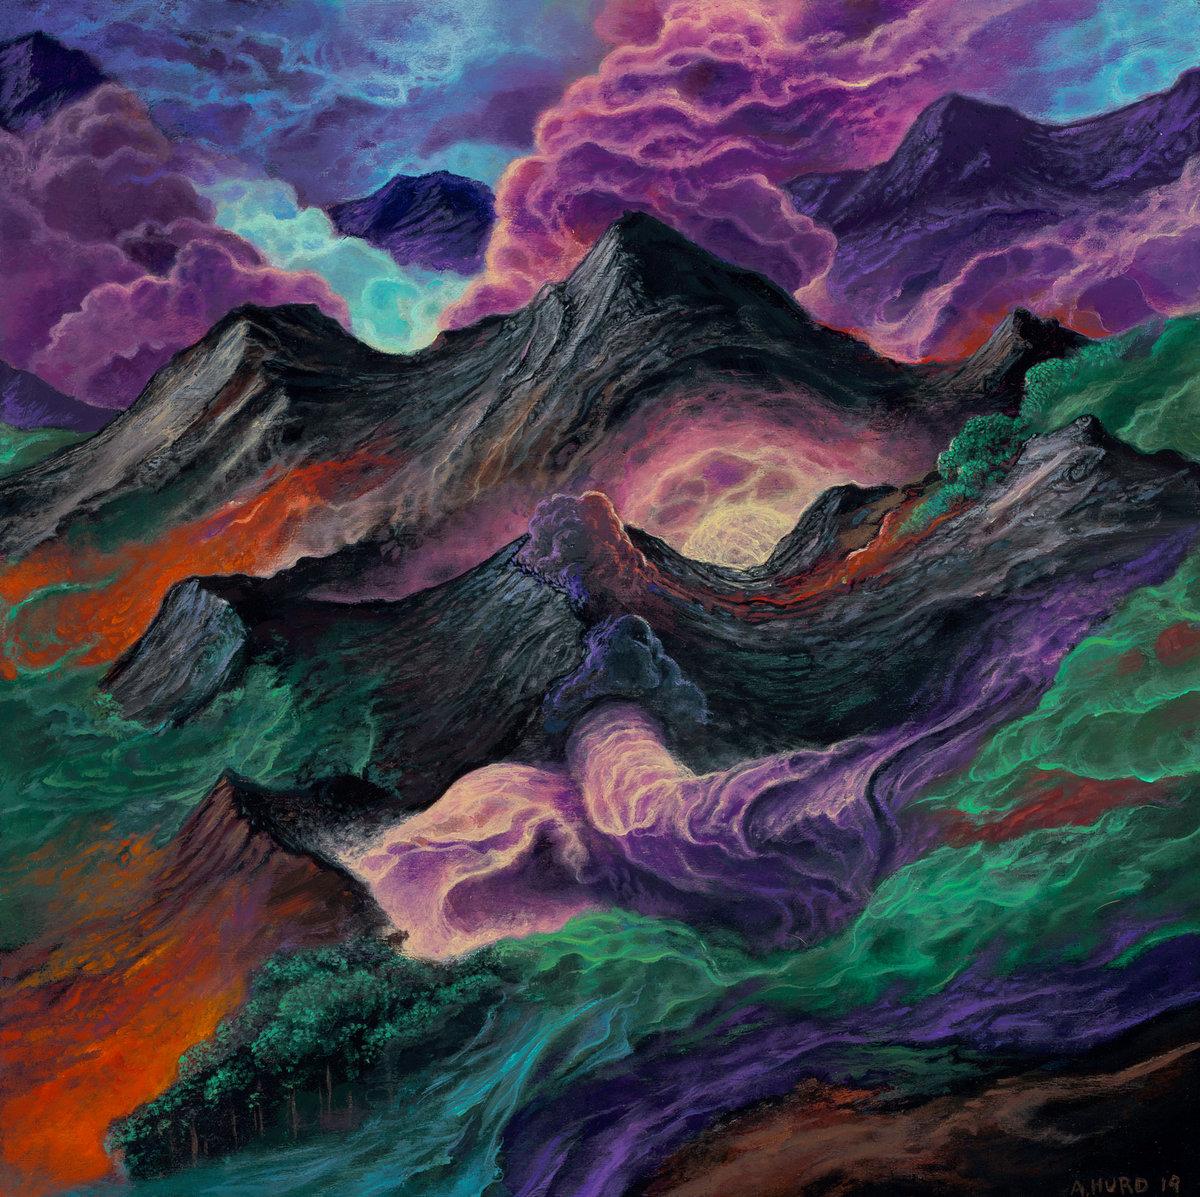 NOLTEM illusions in the wake album cover artwork